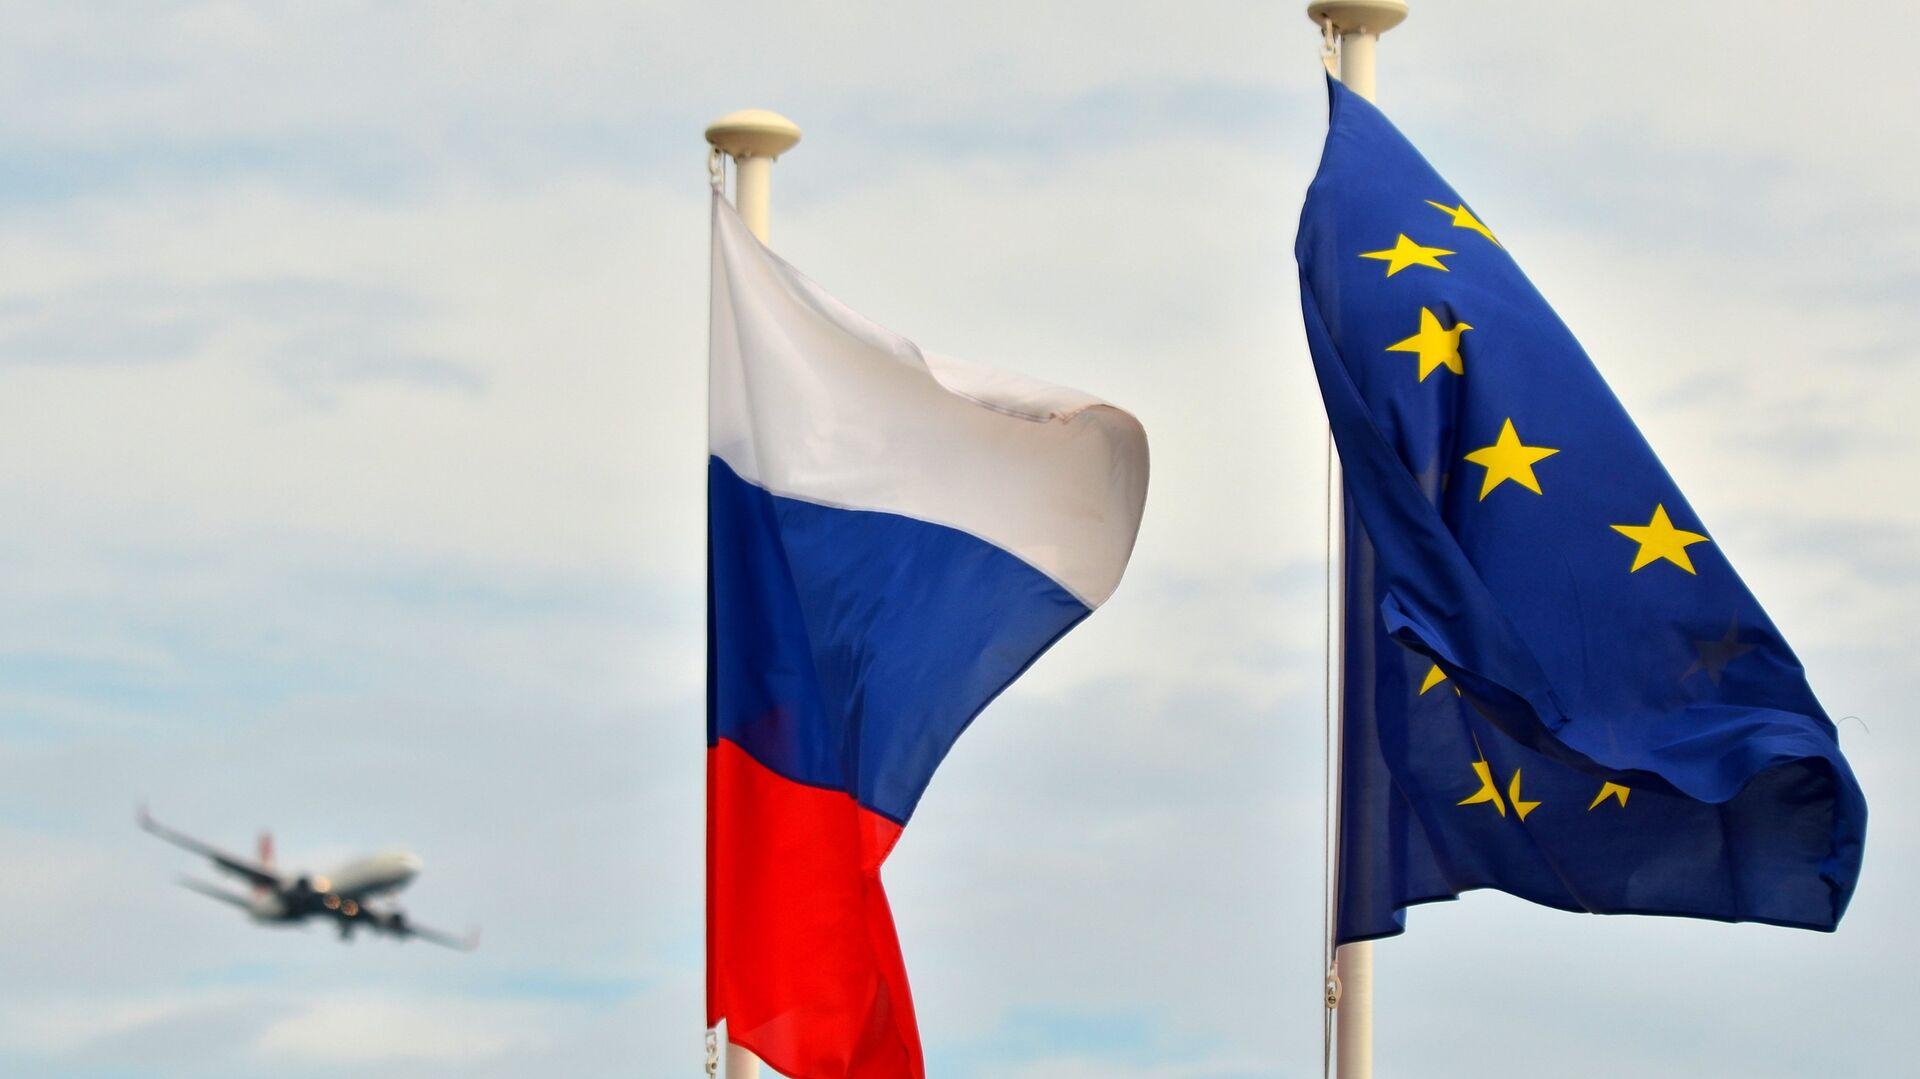 Las banderas de Rusia y la UE - Sputnik Mundo, 1920, 27.06.2021